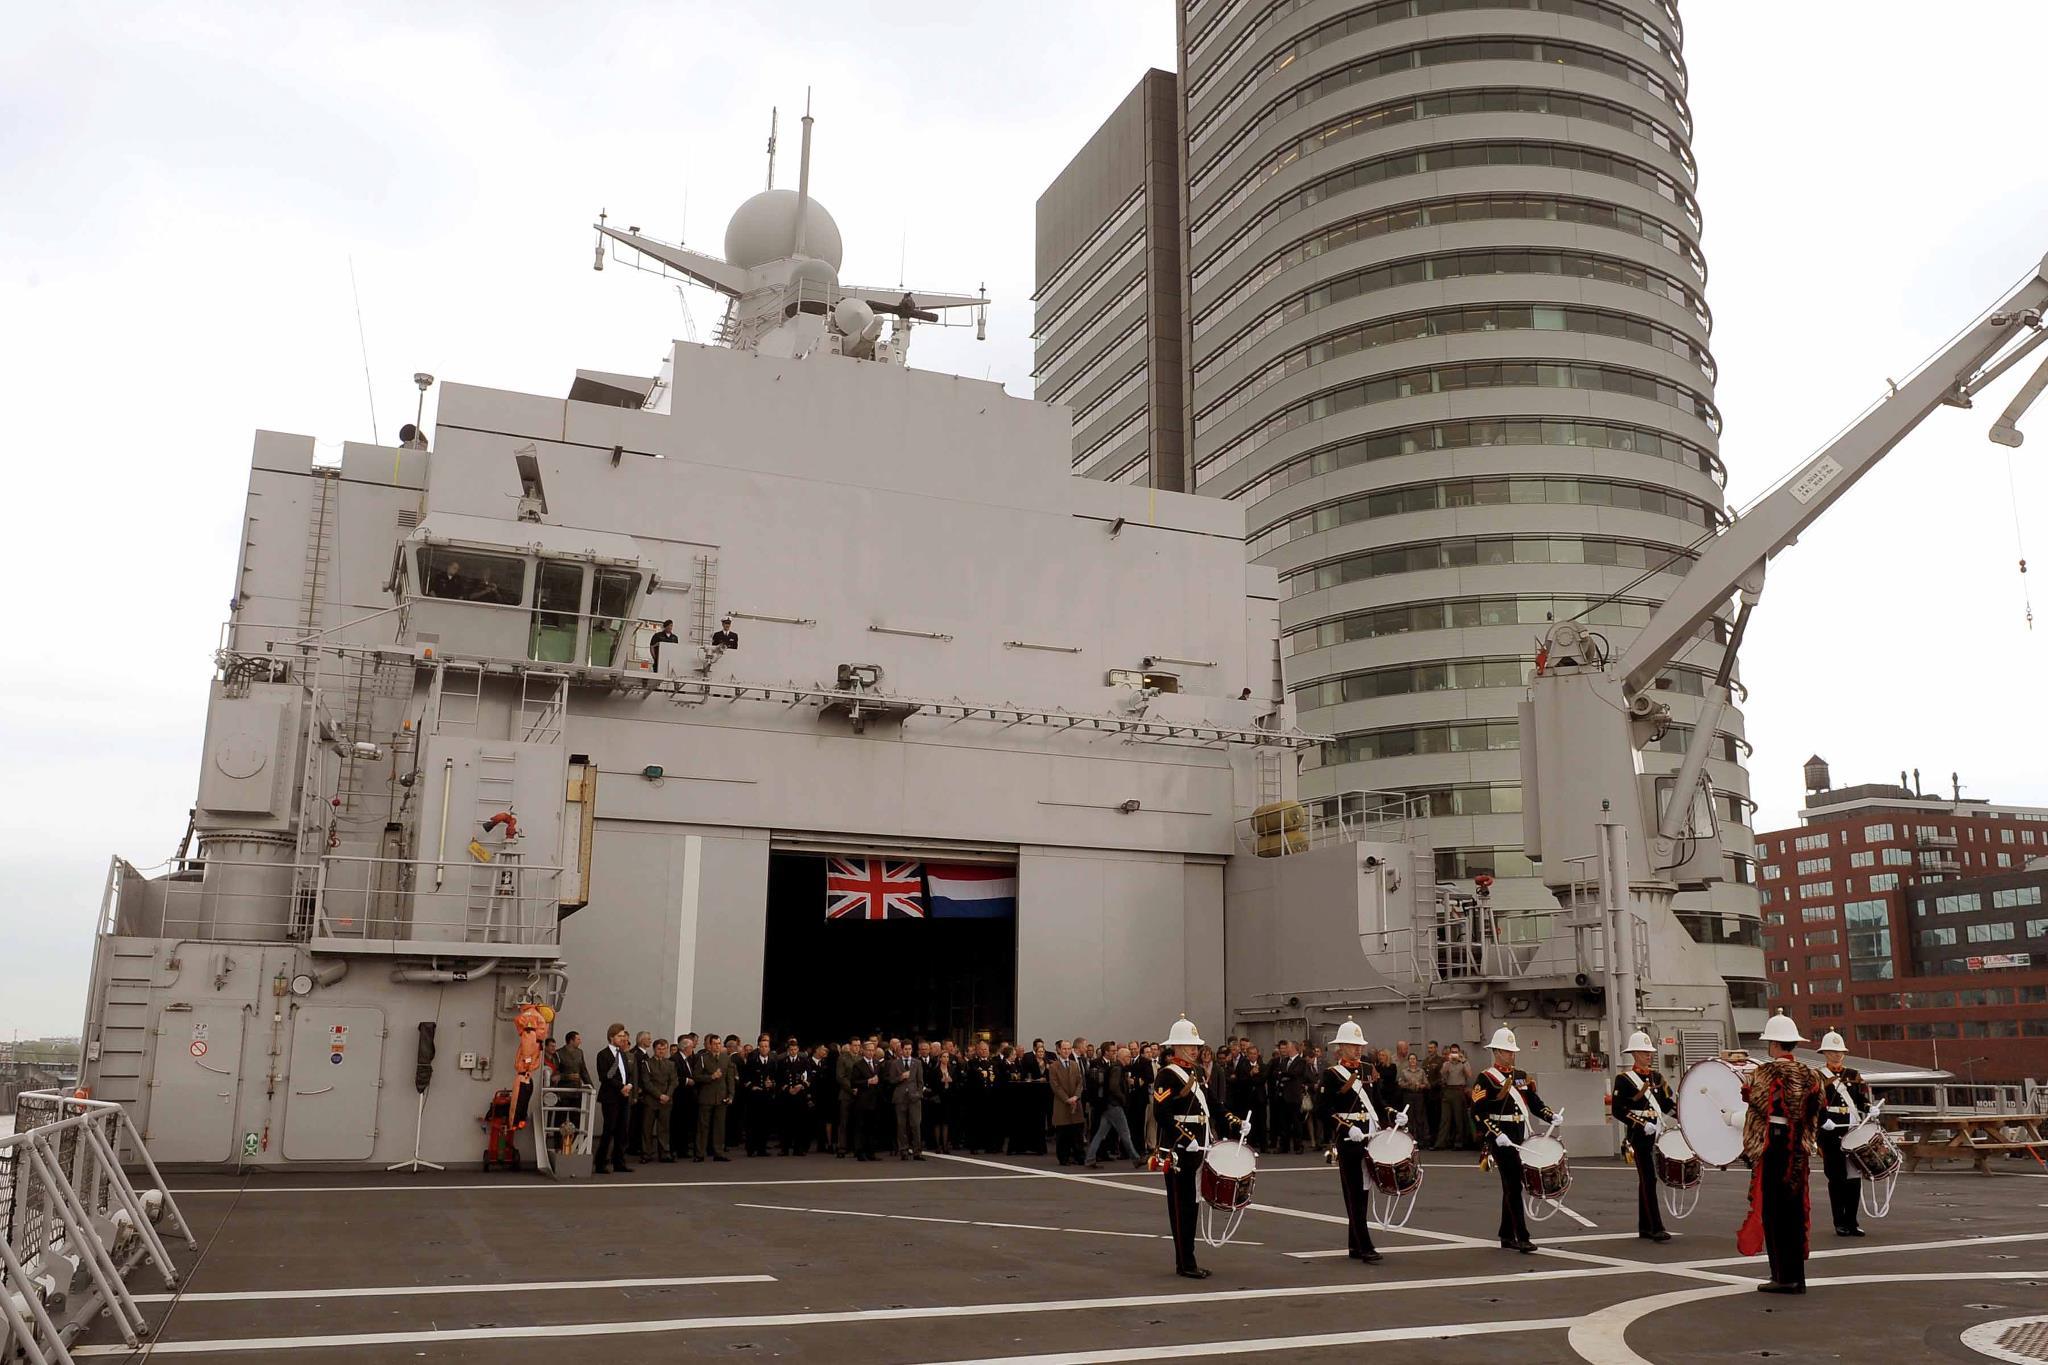 HMS Bulwark in Rotterdam, Netherlands